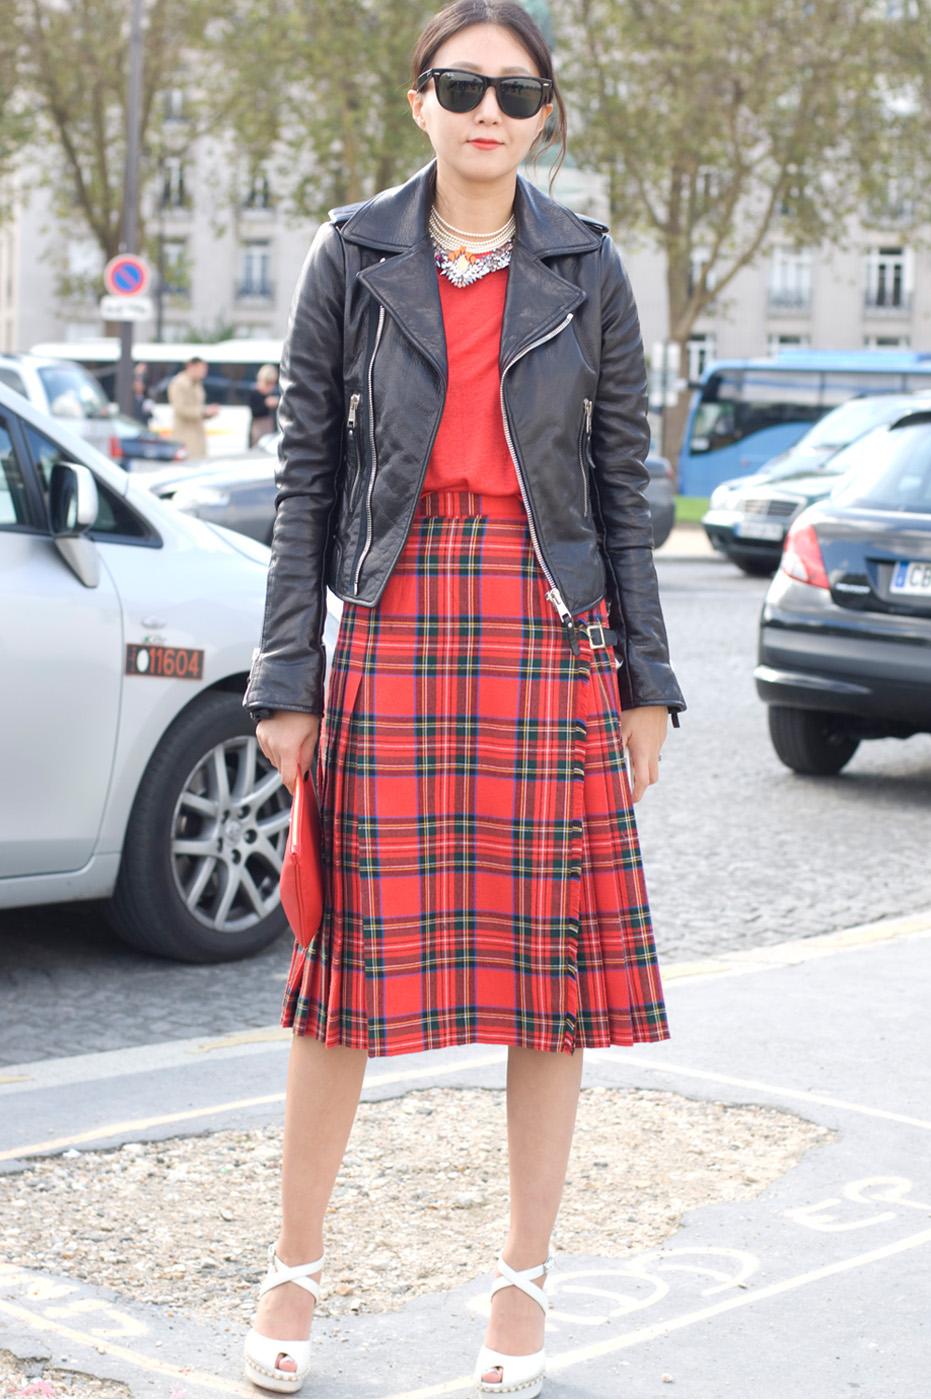 Tartan-Skirts-Street-Style-2